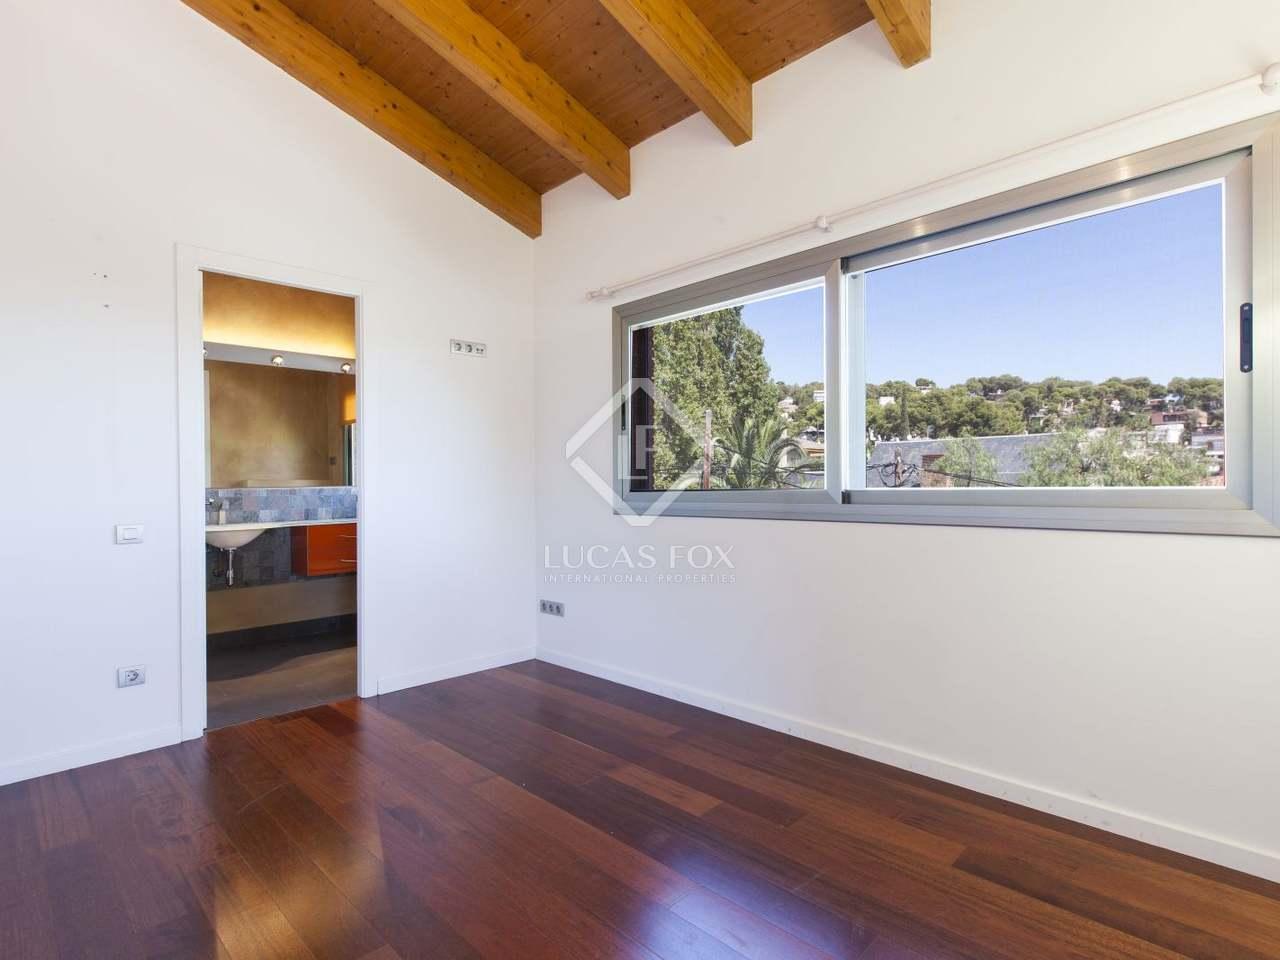 Villa con jard n y piscina en alquiler en castelldefels for Casa con jardin barcelona alquiler